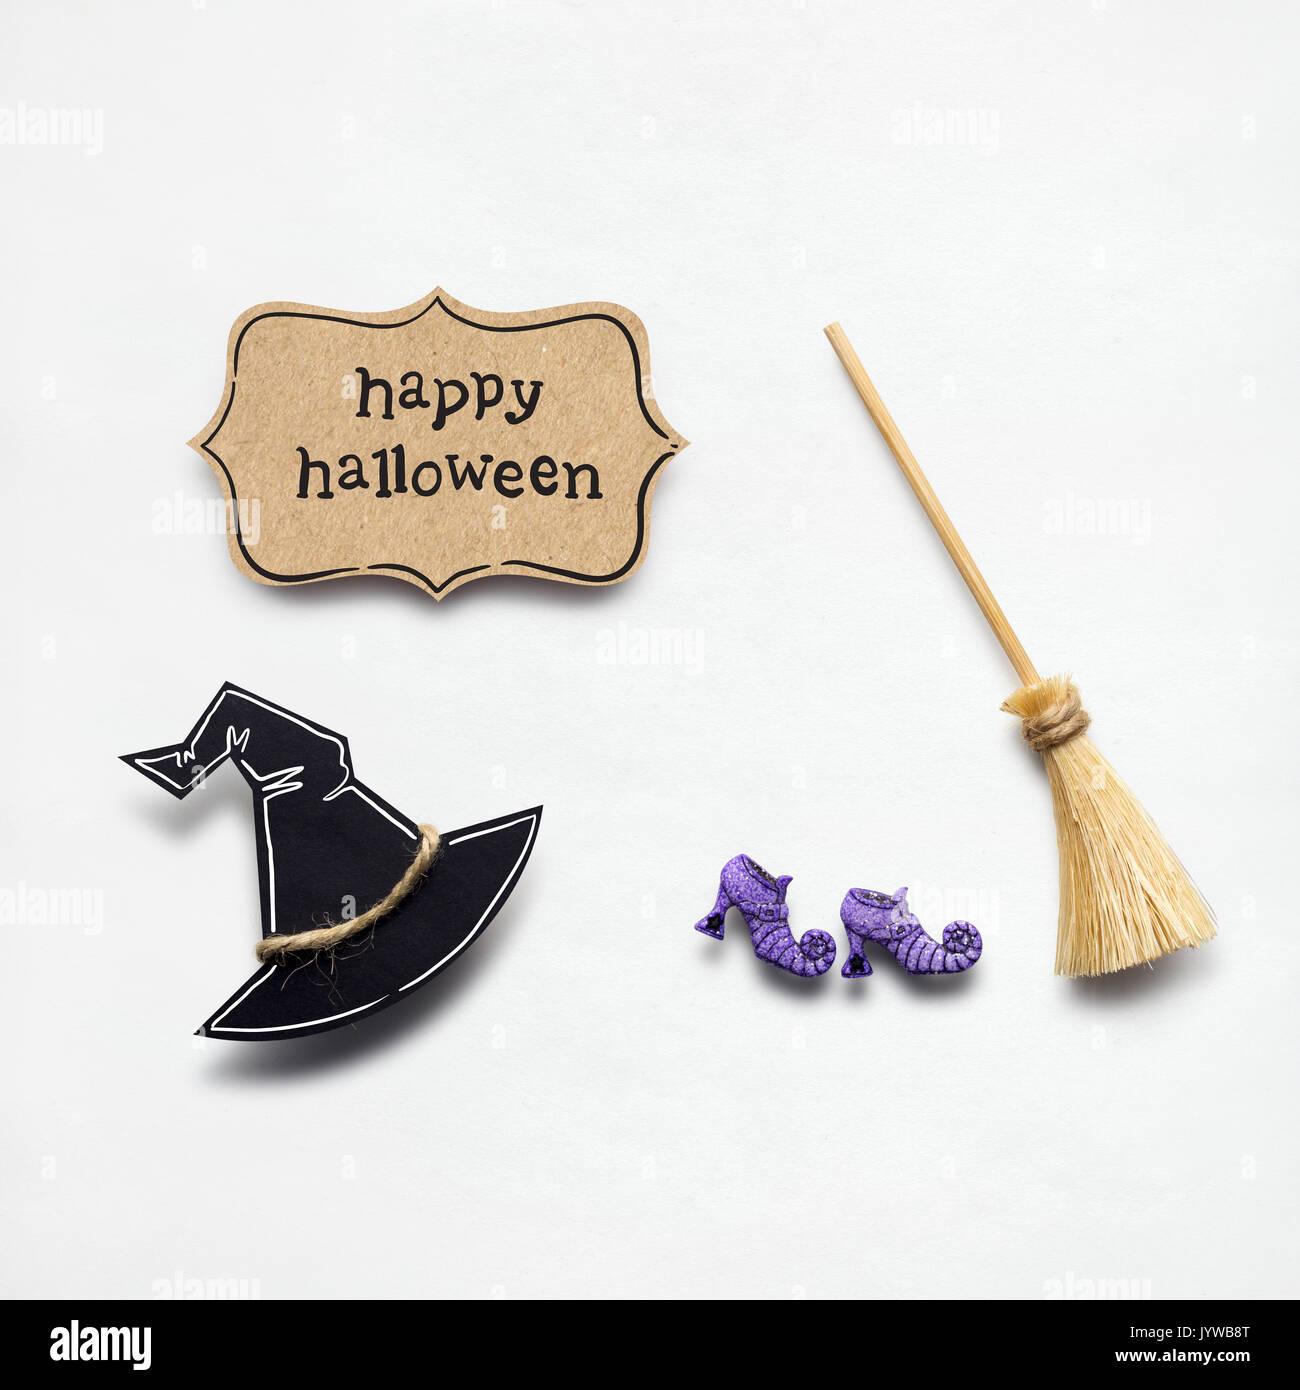 Kreative Halloween Konzept Foto Von Hexen Hut Und Besen Aus Papier